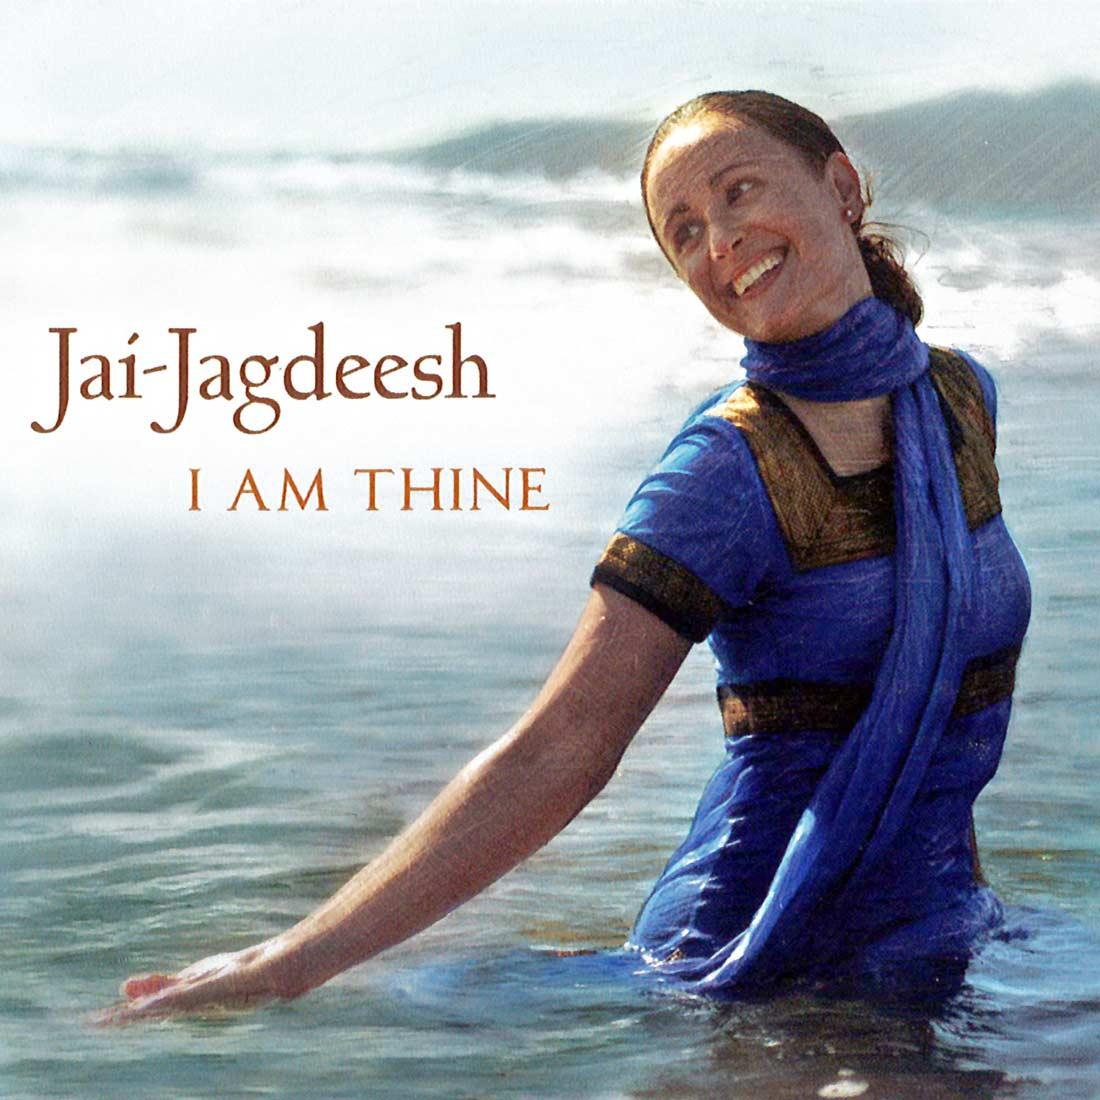 I am Thine - Jai Jagdeesh CD